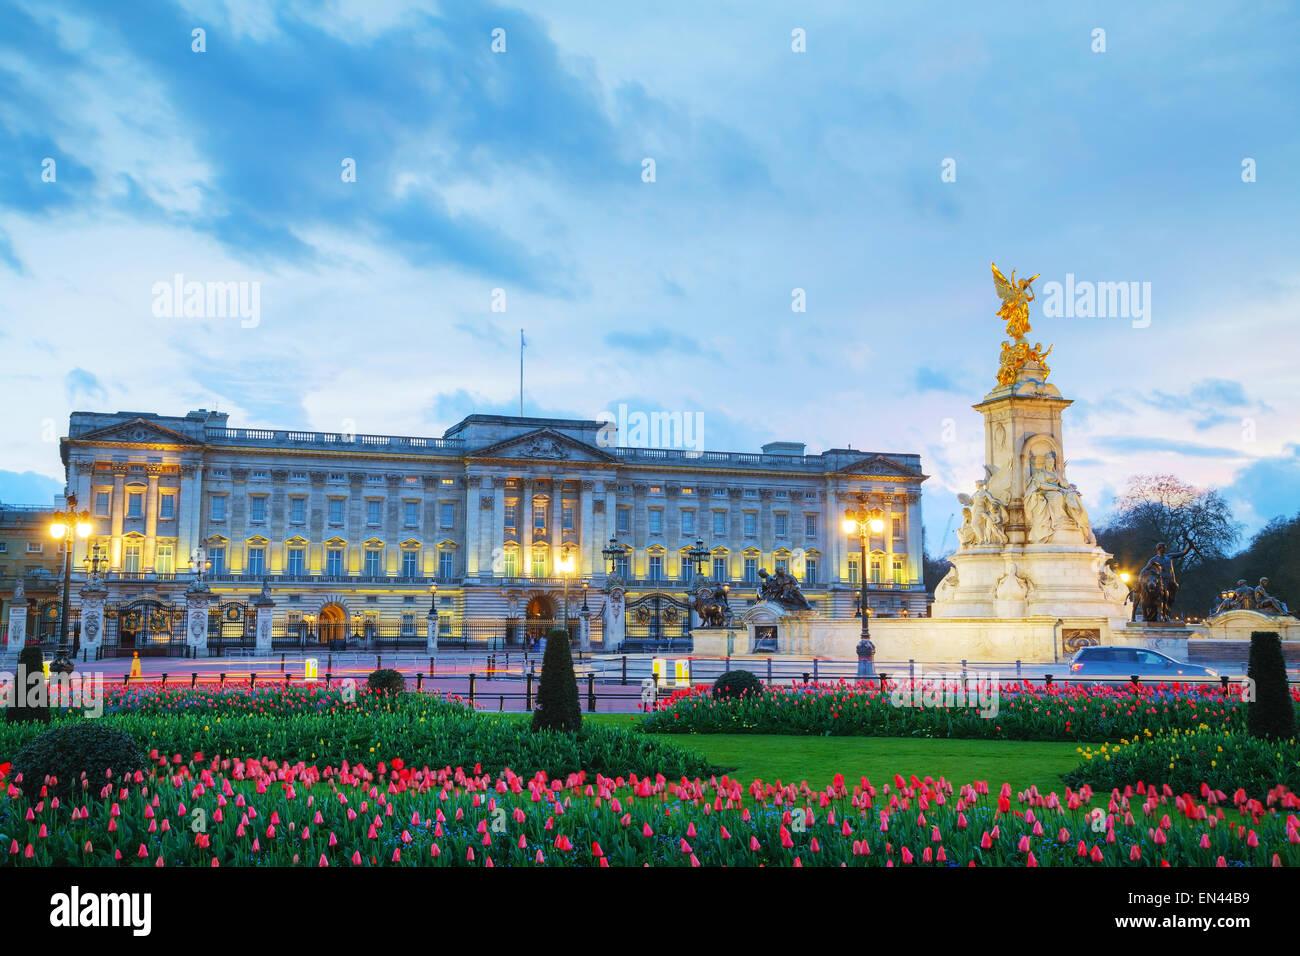 Der Buckingham Palace in London, Vereinigtes Königreich bei Sonnenuntergang Stockbild